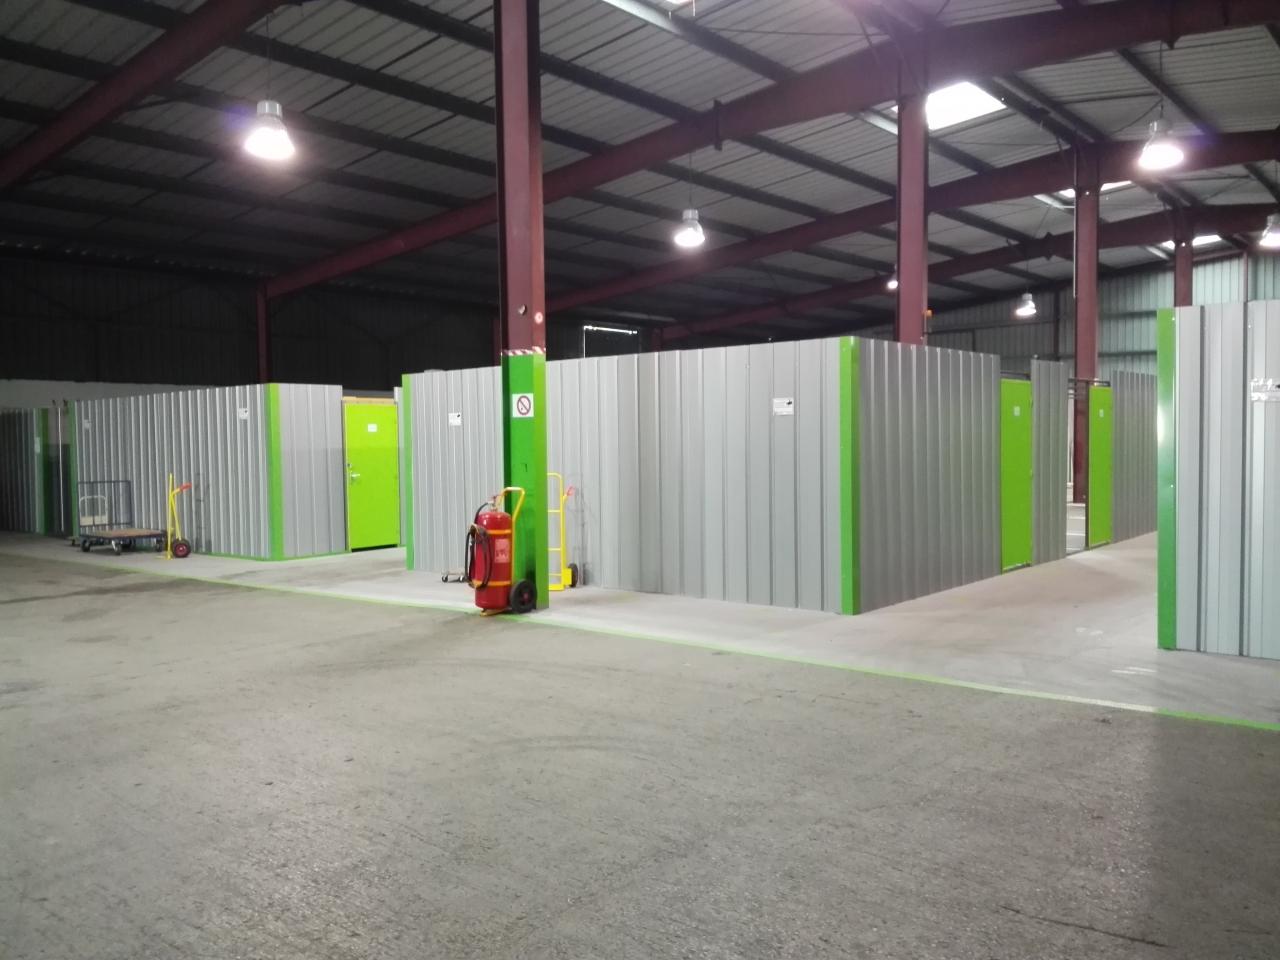 La location de box de stockage une solution pratique - Location de box pour stocker des meubles ...